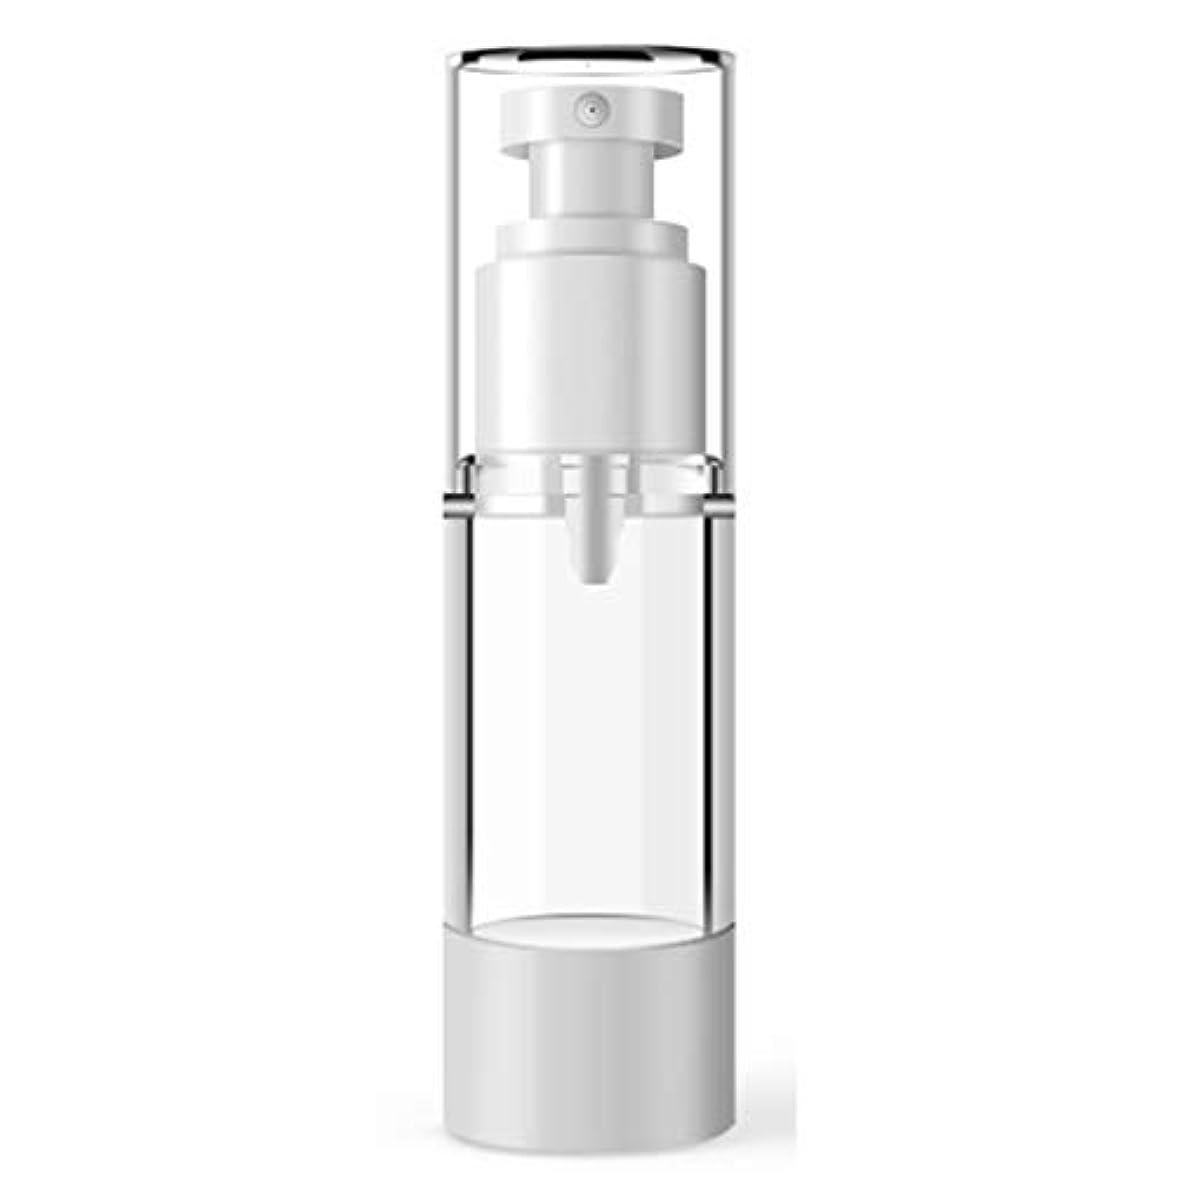 リテラシー安心させる抵抗ACHICOO 小分けボトル 15ミリリットル 100ミリリットル プラスチック 化粧品ボトル 詰め替えボトル エマルジョンスプレー 透明 真空容器 100ml flat vacuum spray bottle